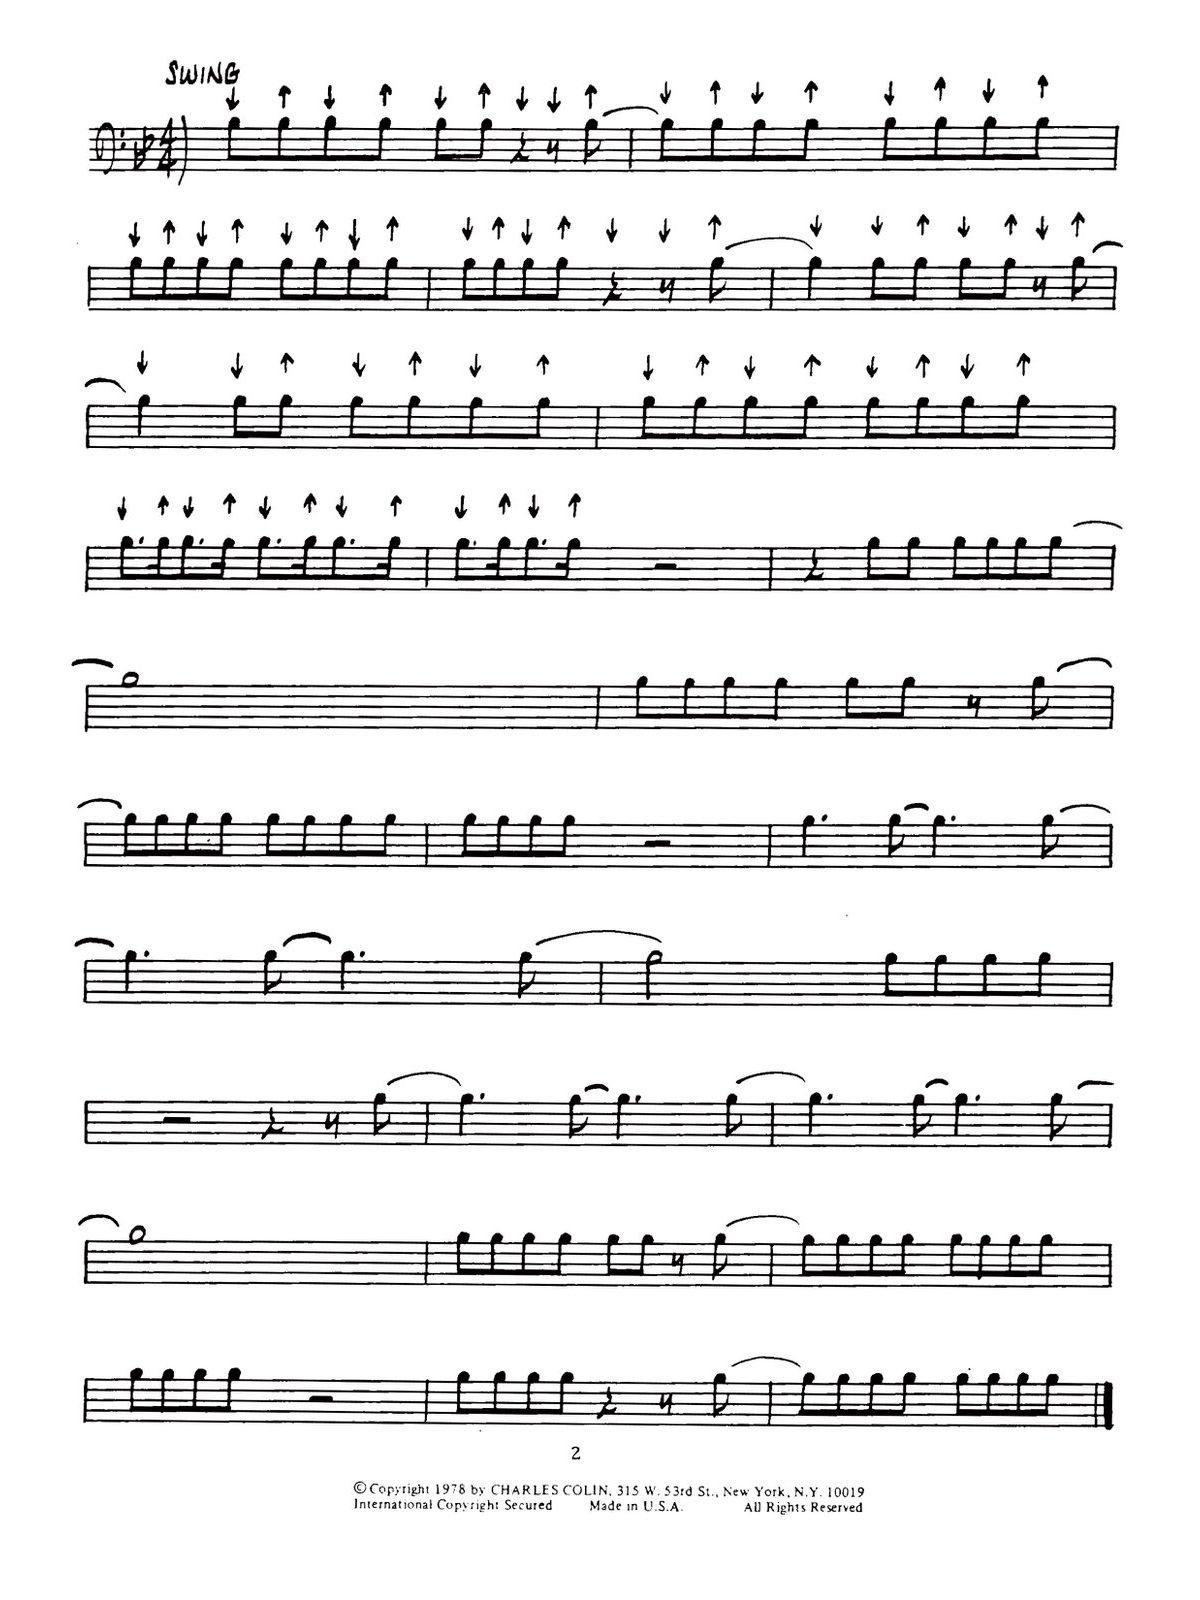 Chesky, Contemporary Jazz Rock Rhythms Bass Clef-p06